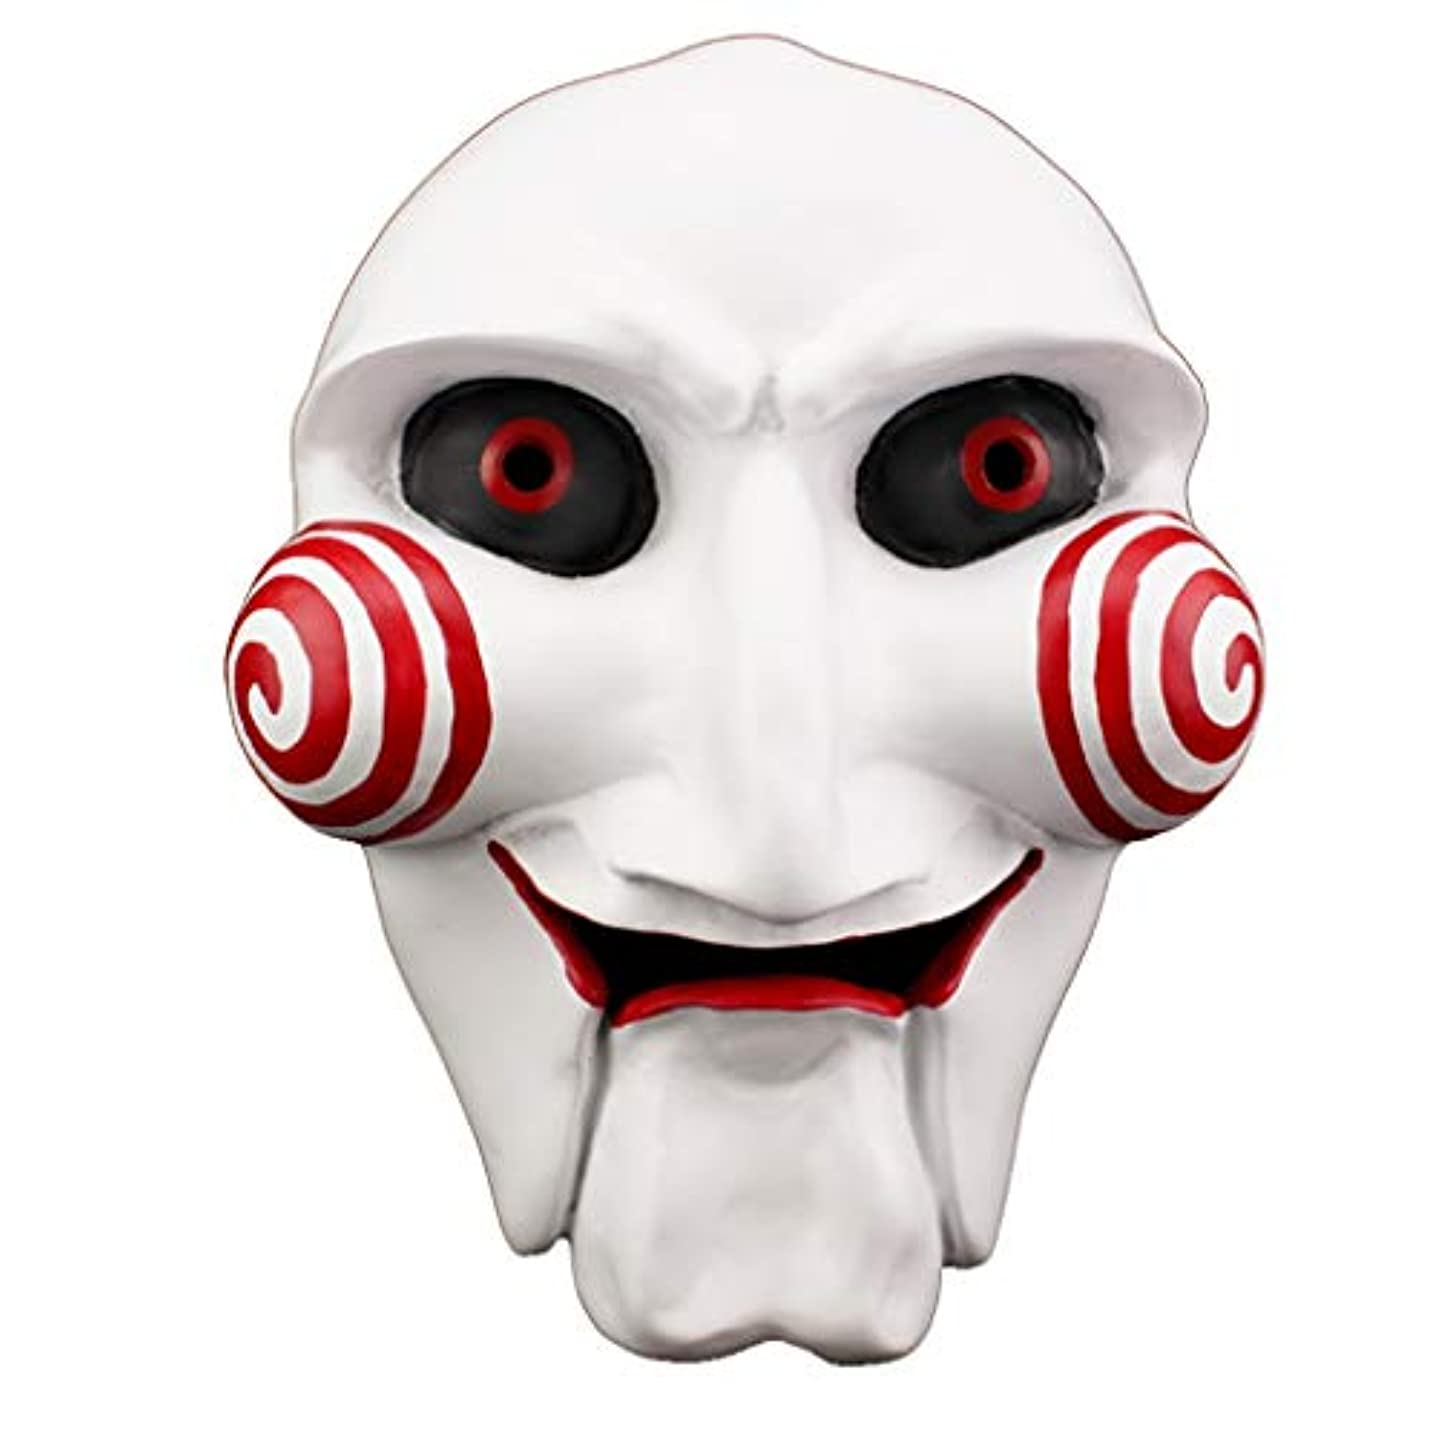 人事第三論争の的ハロウィンホラーマスクダンスパーティーメンズキラーデビルメイク樹脂マスク